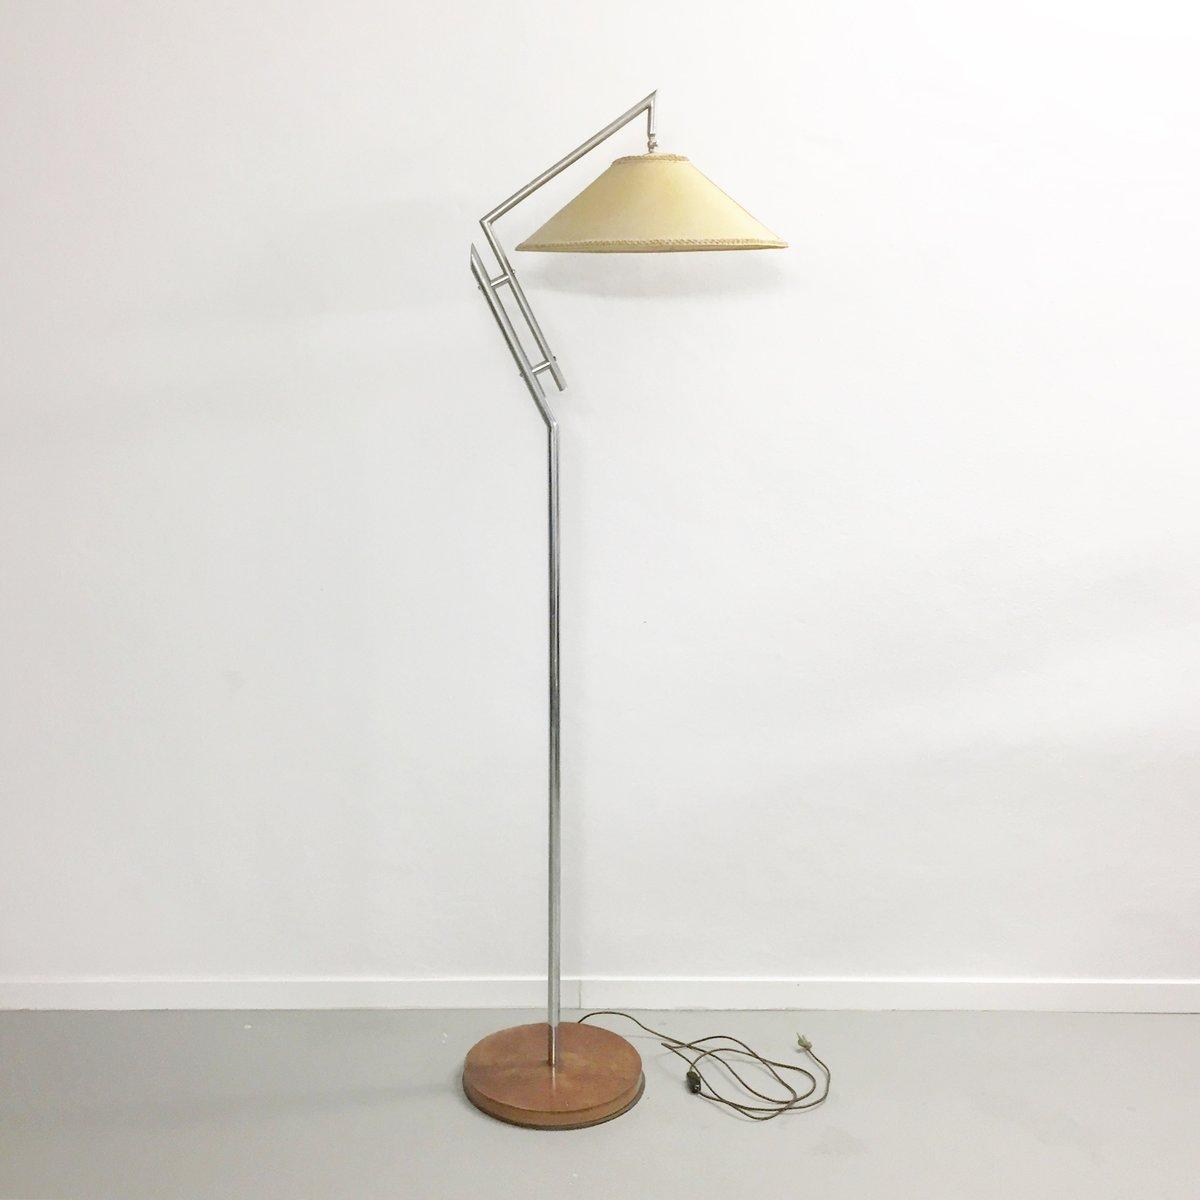 Rationalismus Stehlampe, 1940er